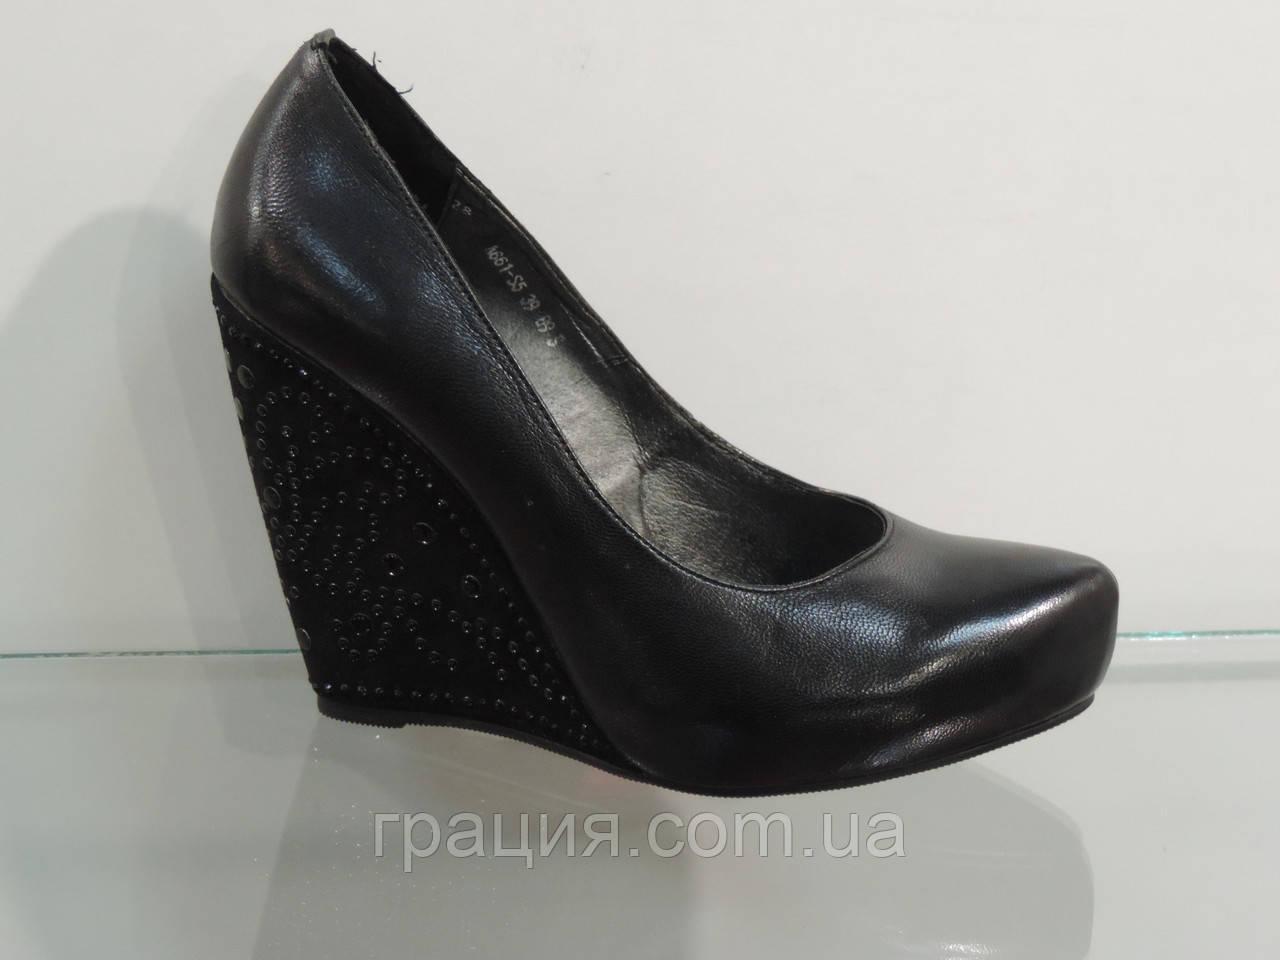 Туфли женские кожаные натуральные на танкетке